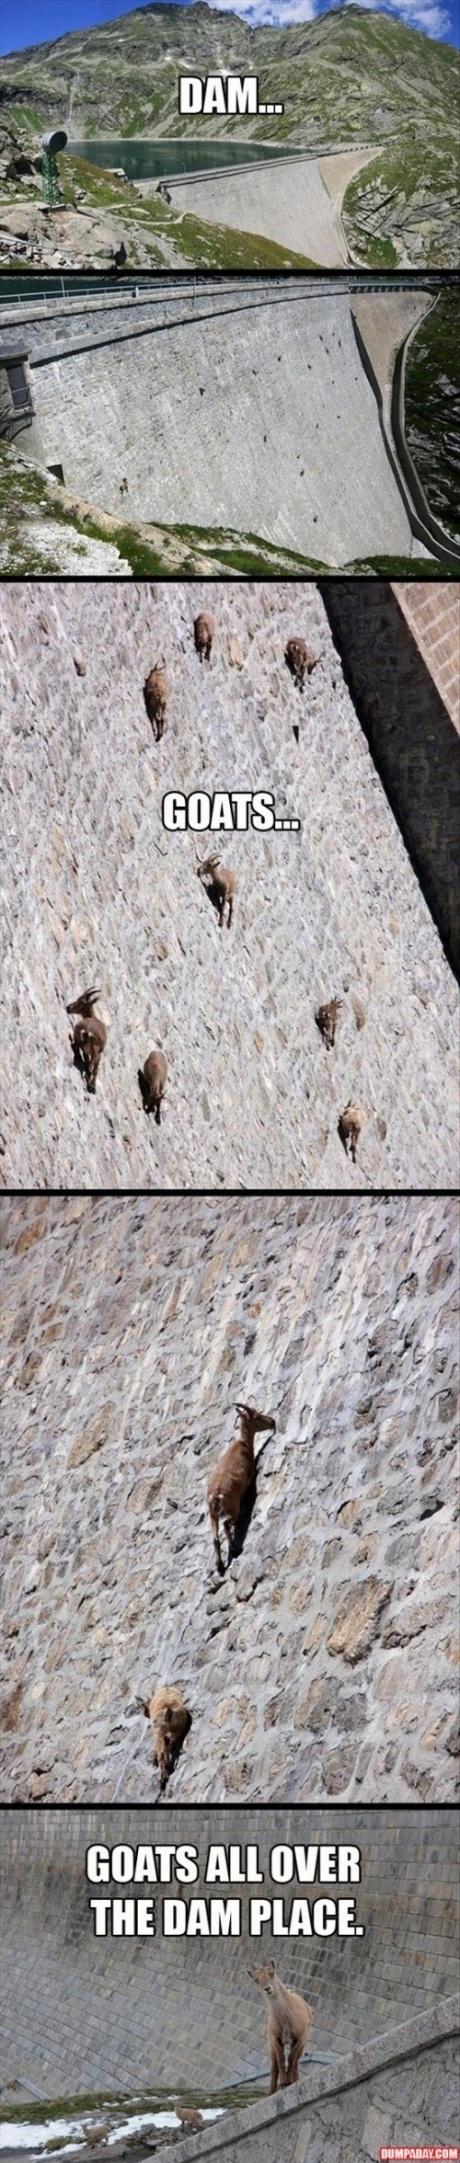 Dam goats